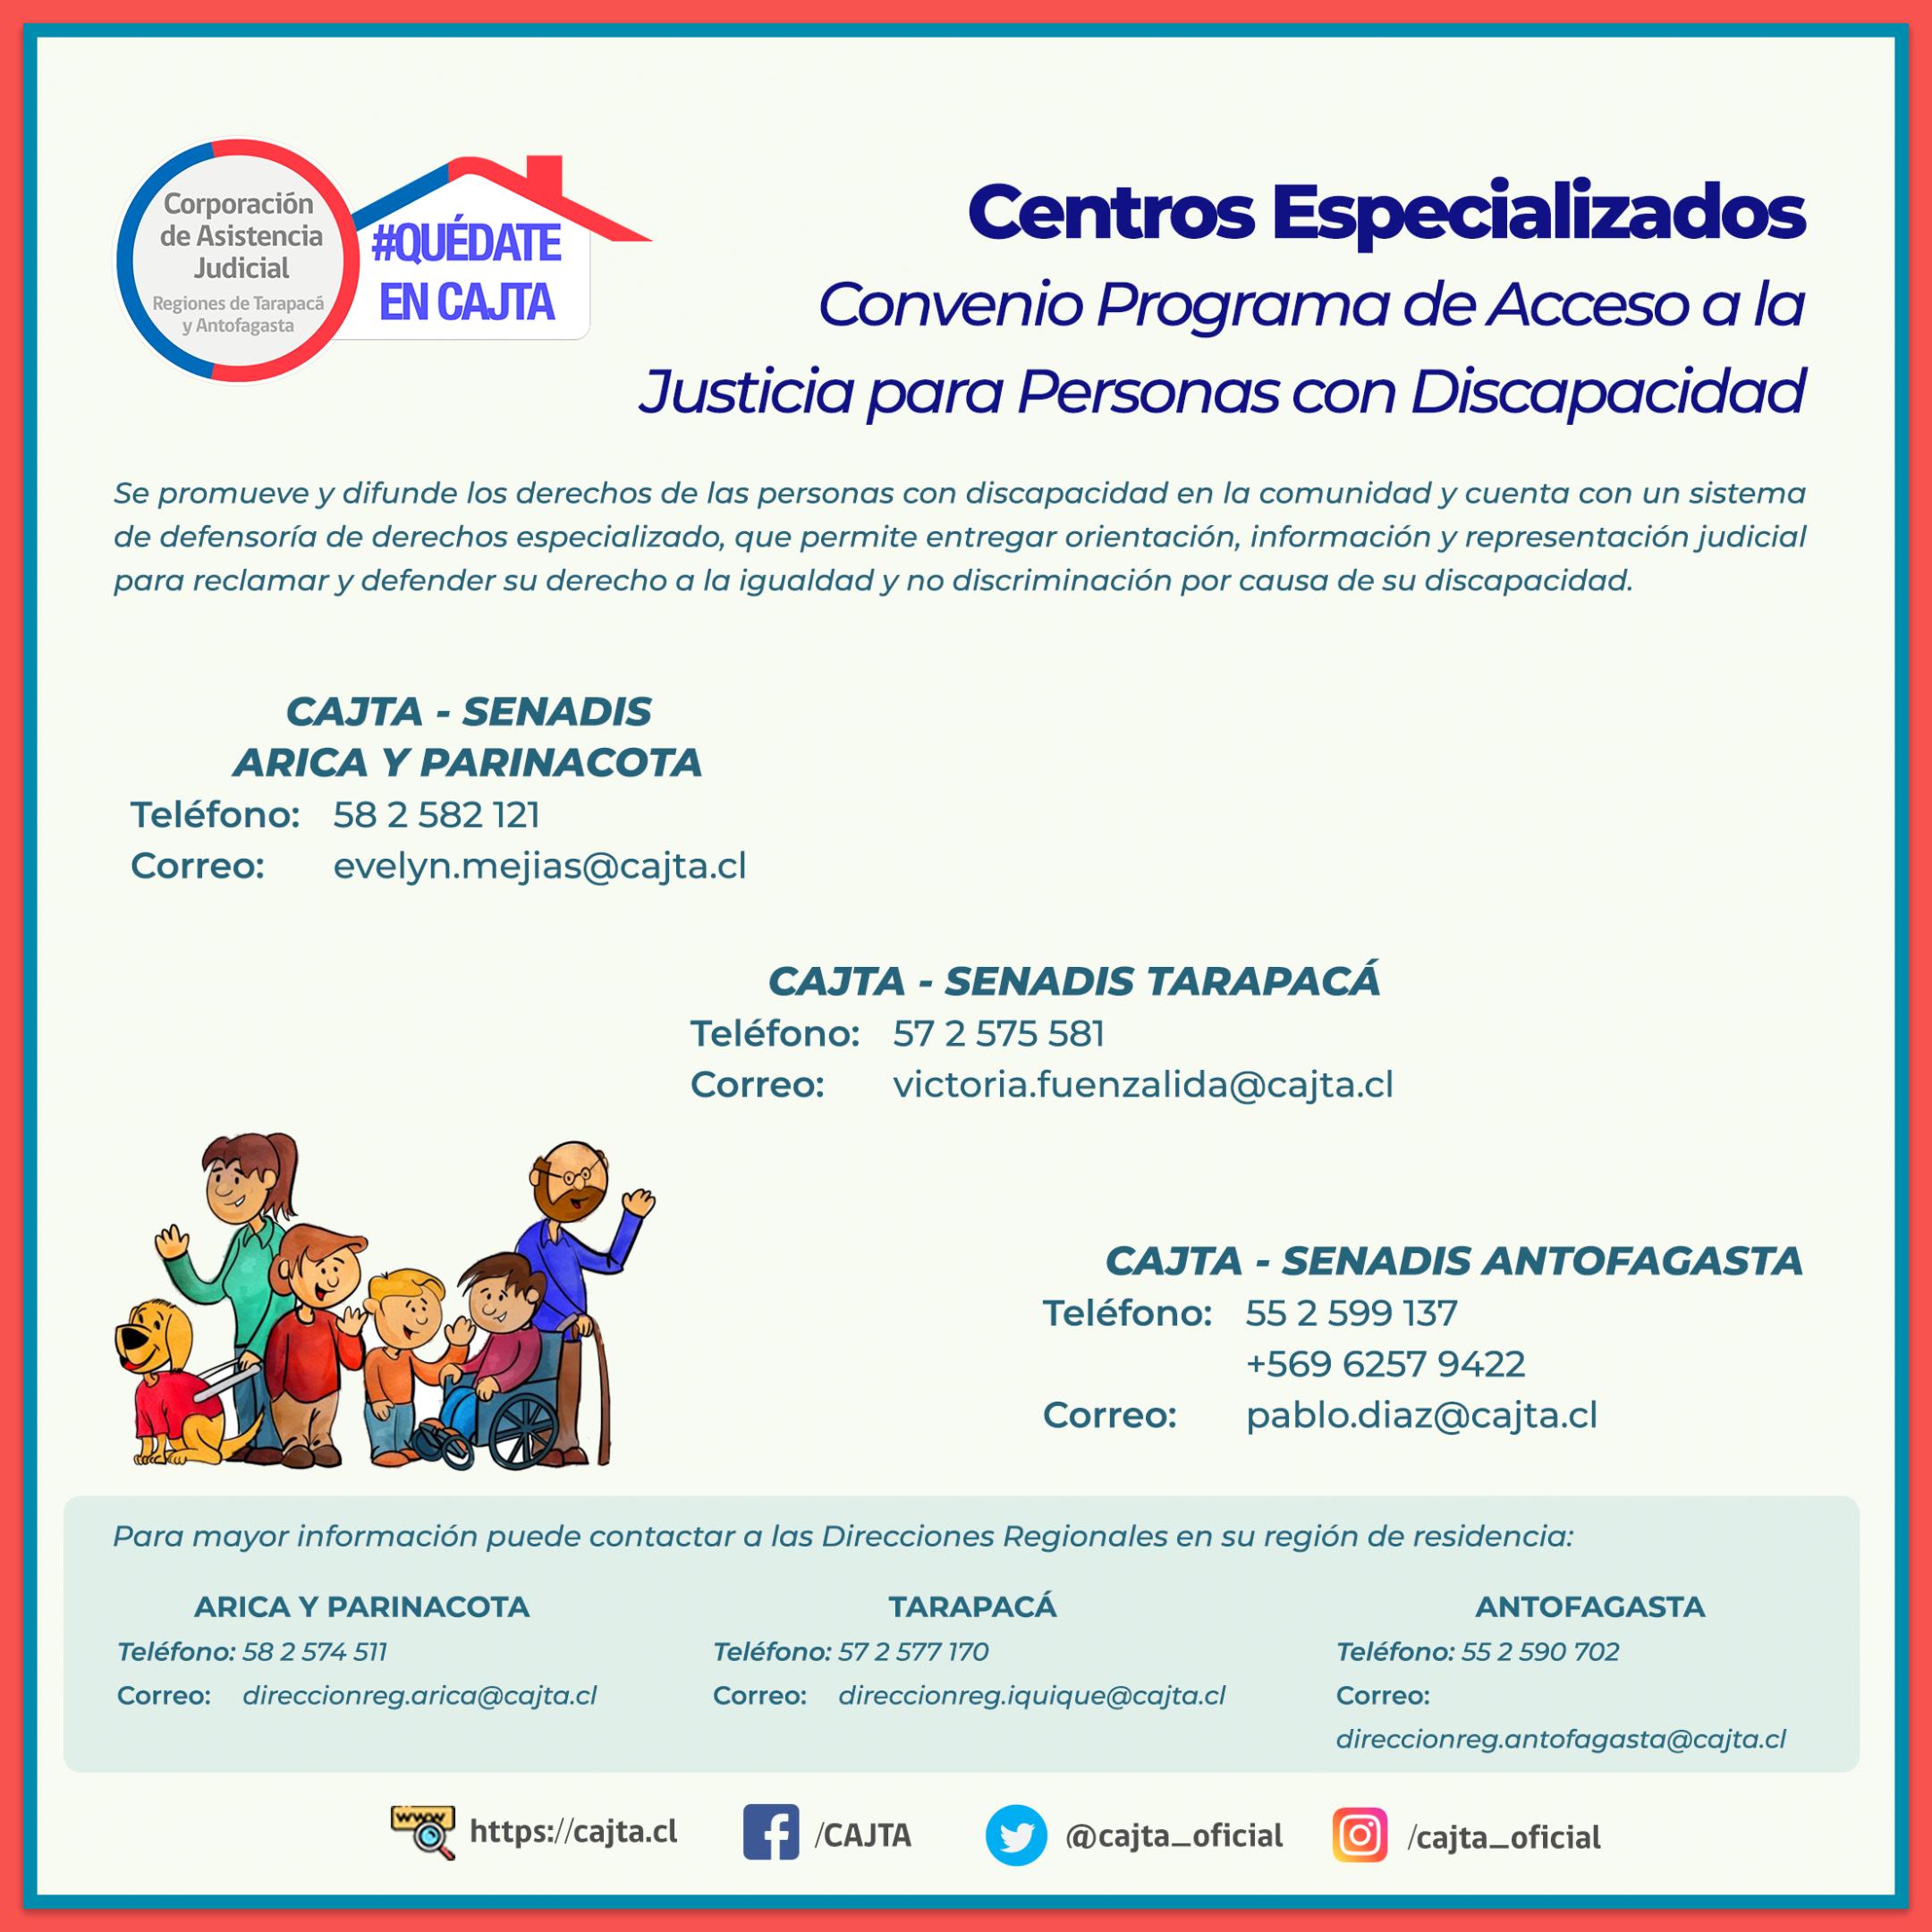 Convenio de Acceso a la Justicia para Personas con Discapacidad